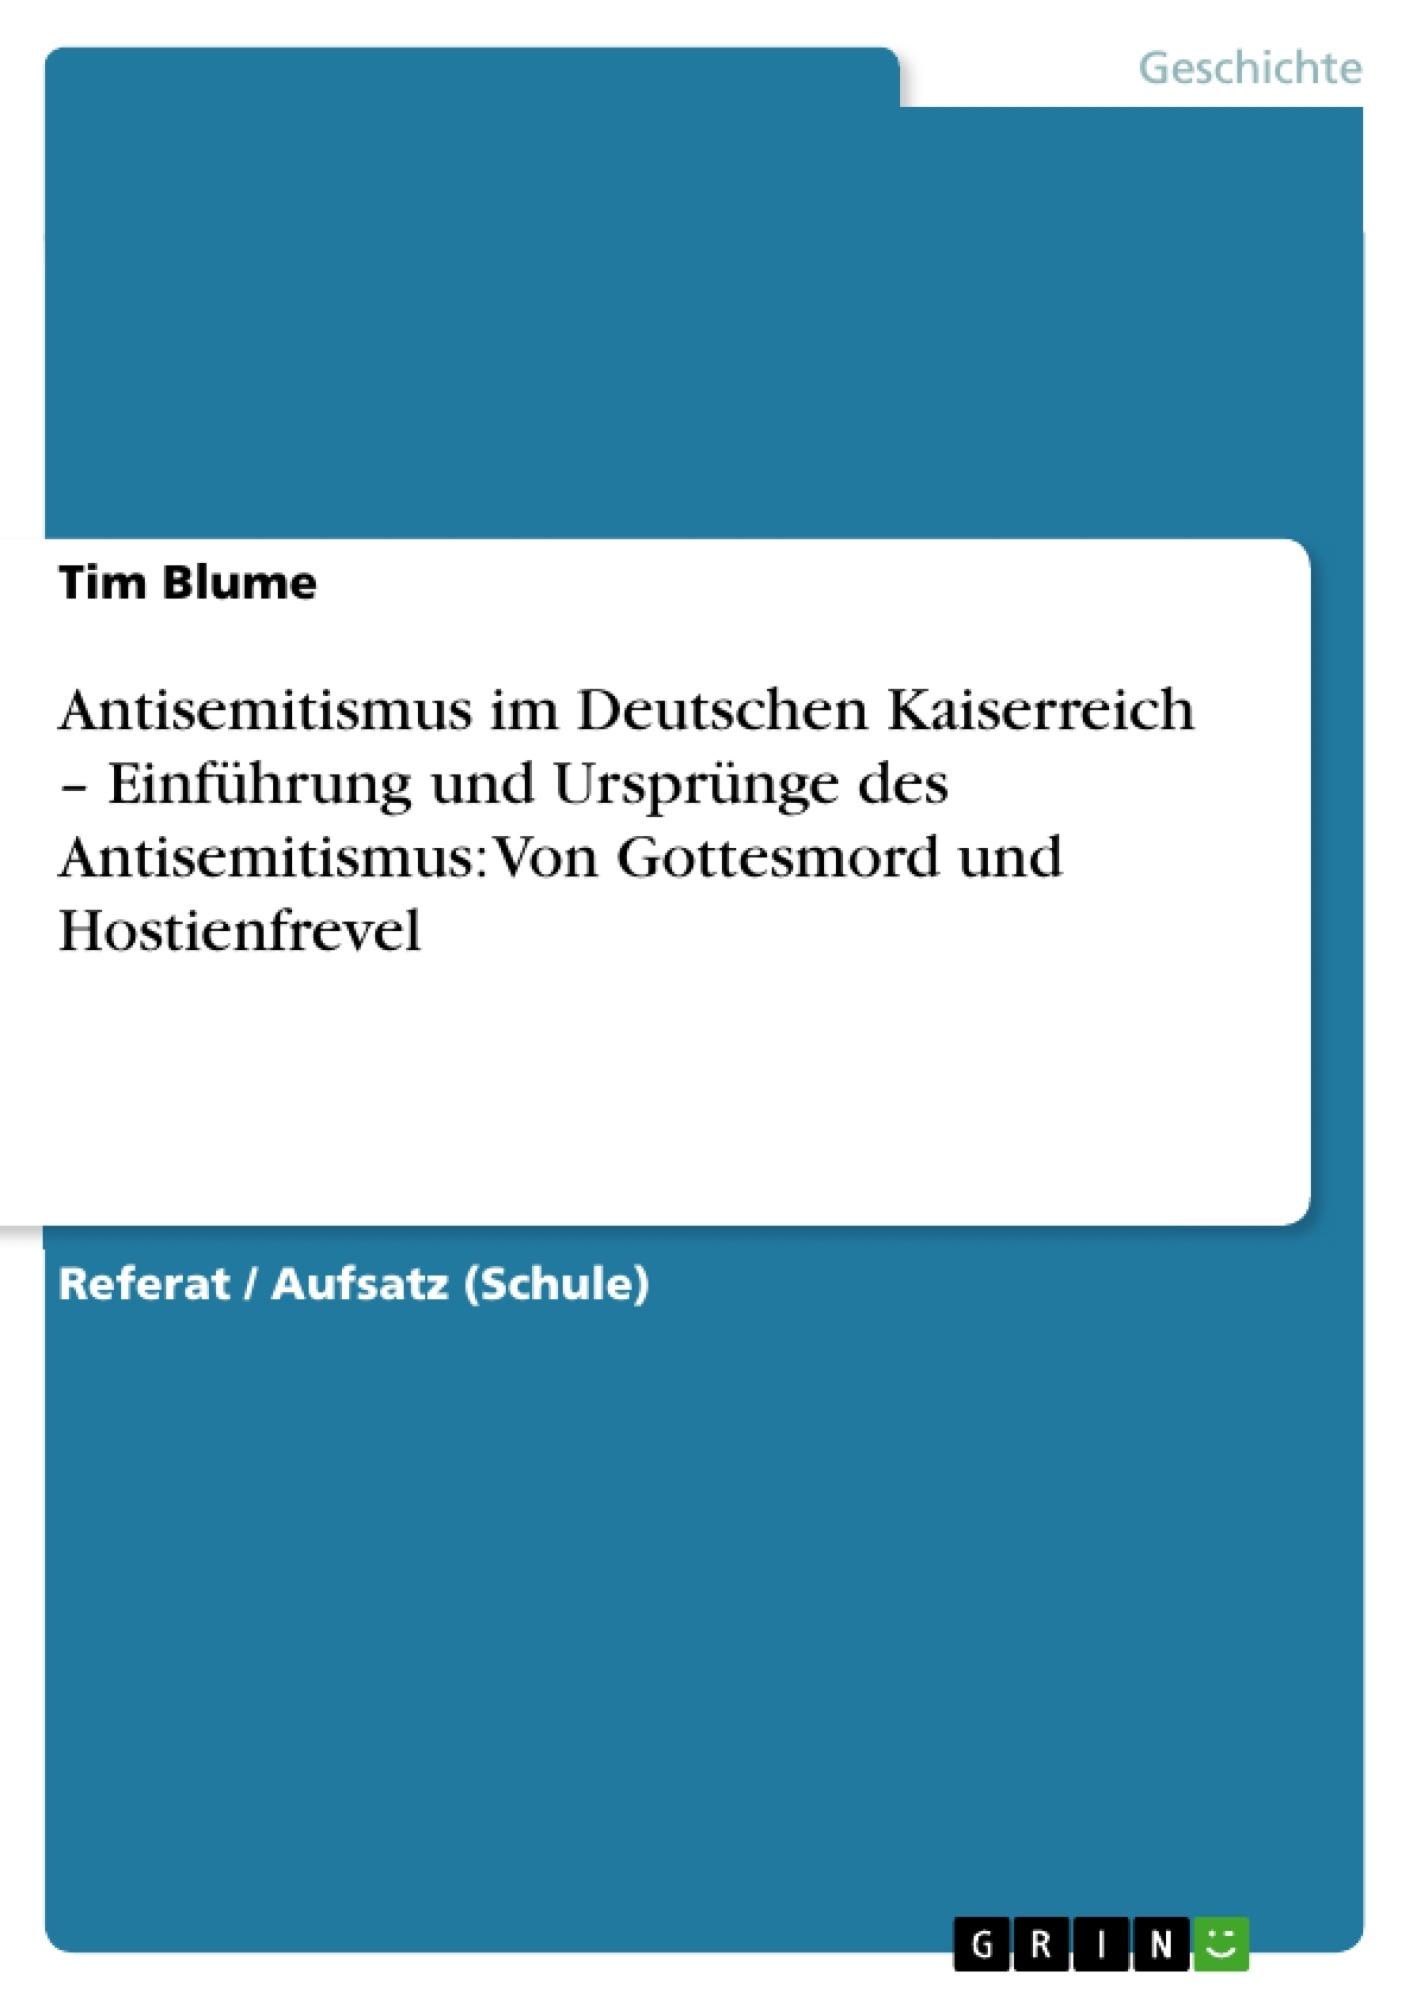 Titel: Antisemitismus im Deutschen Kaiserreich – Einführung und Ursprünge des Antisemitismus: Von Gottesmord und Hostienfrevel